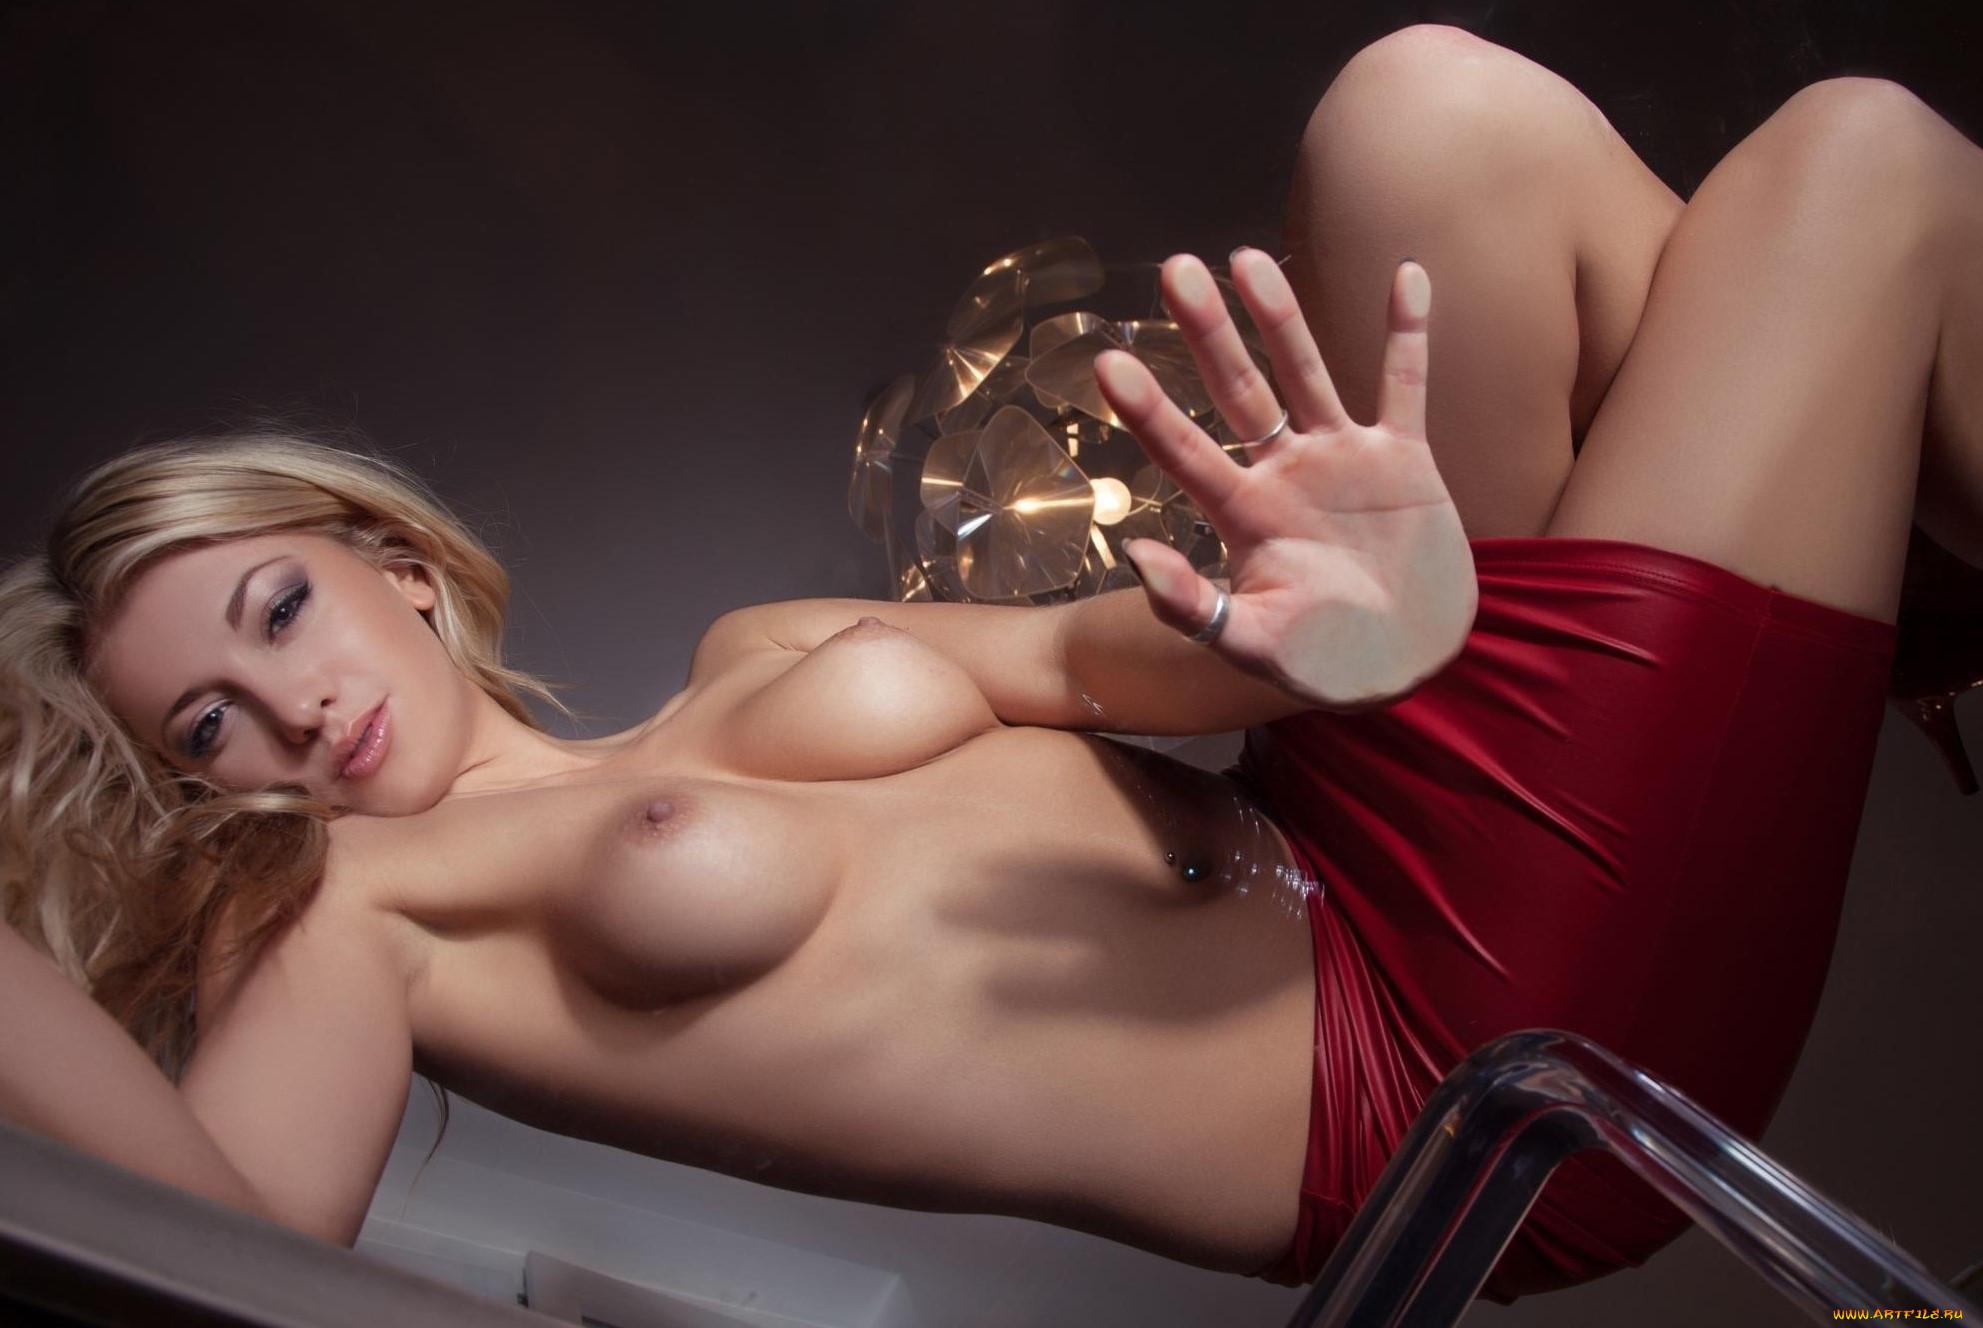 Фотки на телефон эротика, Порно картинки и фото смотреть или скачать бесплатно 2 фотография